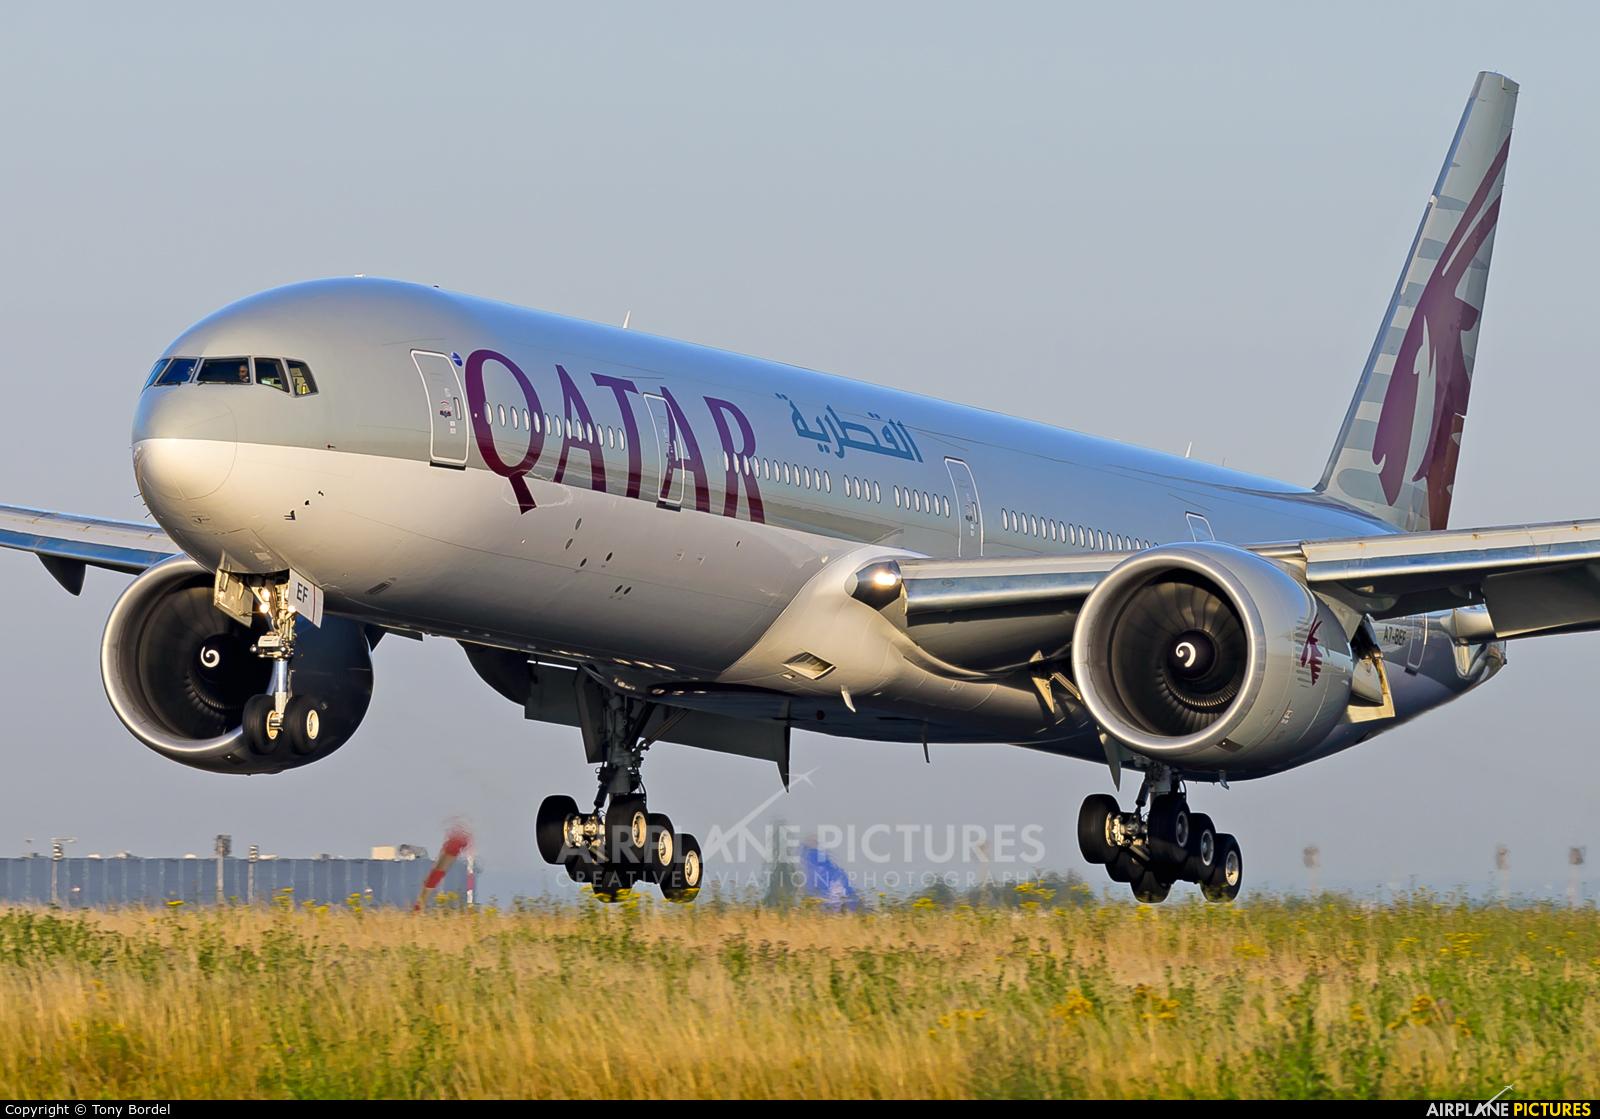 Qatar Airways A7-BEF aircraft at Paris - Charles de Gaulle